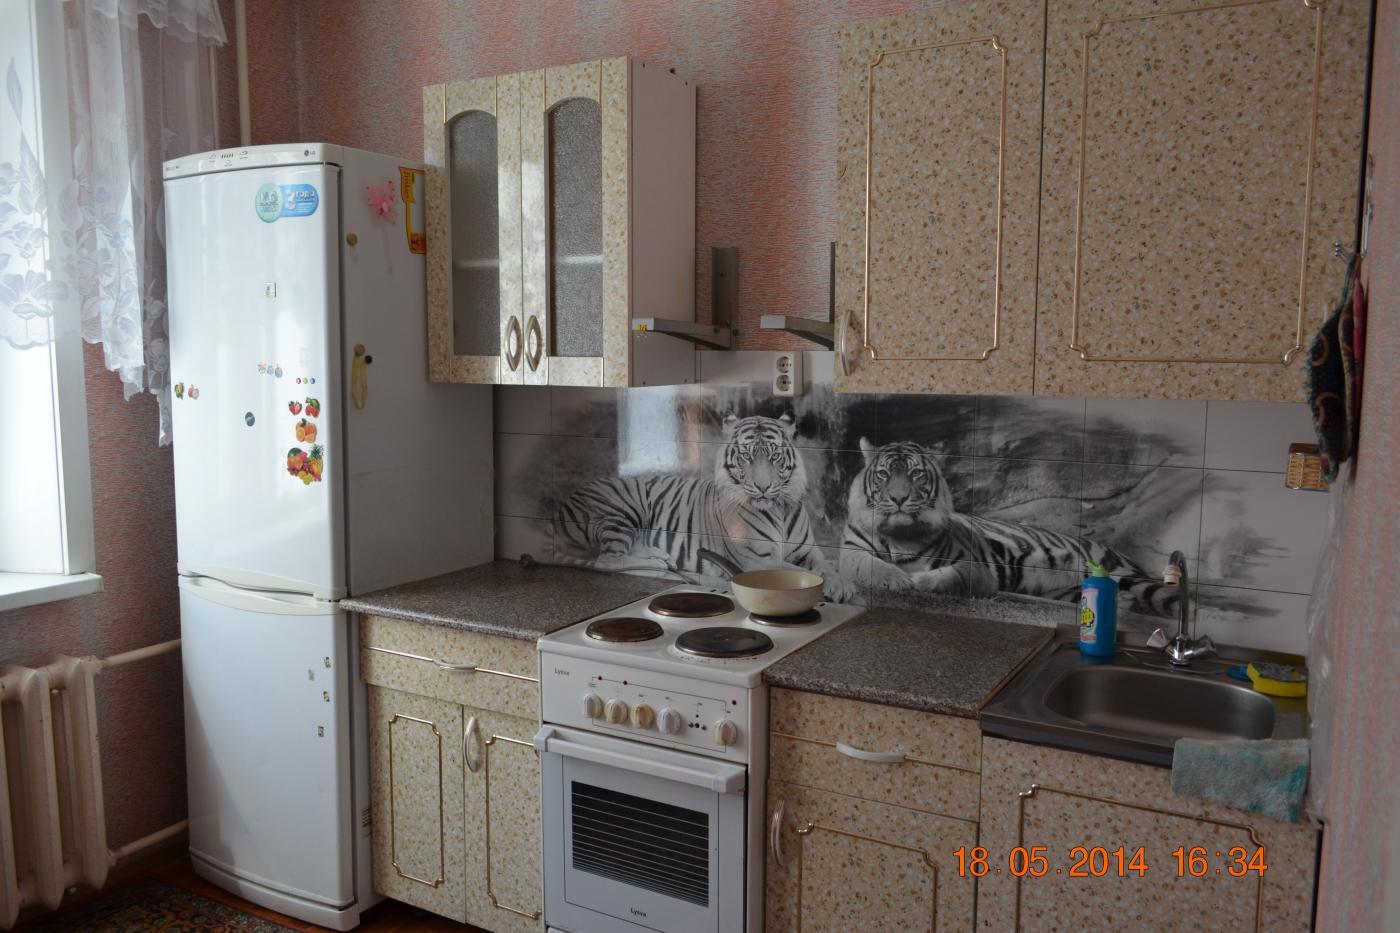 1-комнатная квартира посуточно (вариант № 1498), ул. Краснореченская улица, фото № 3